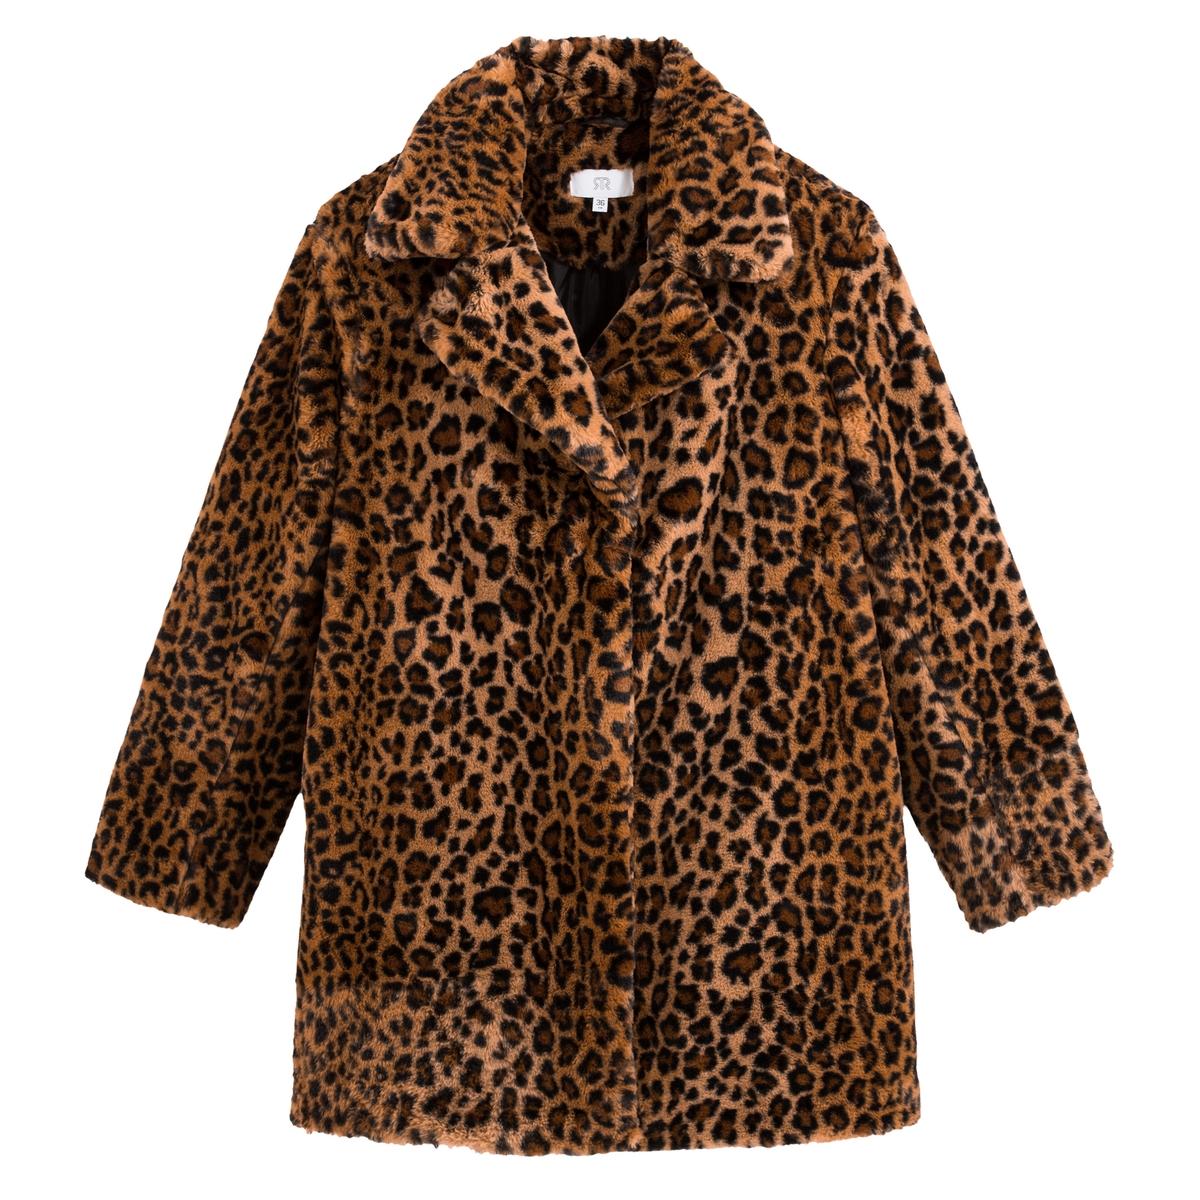 Abrigo semilargo de pelo sintético motivo leopardo